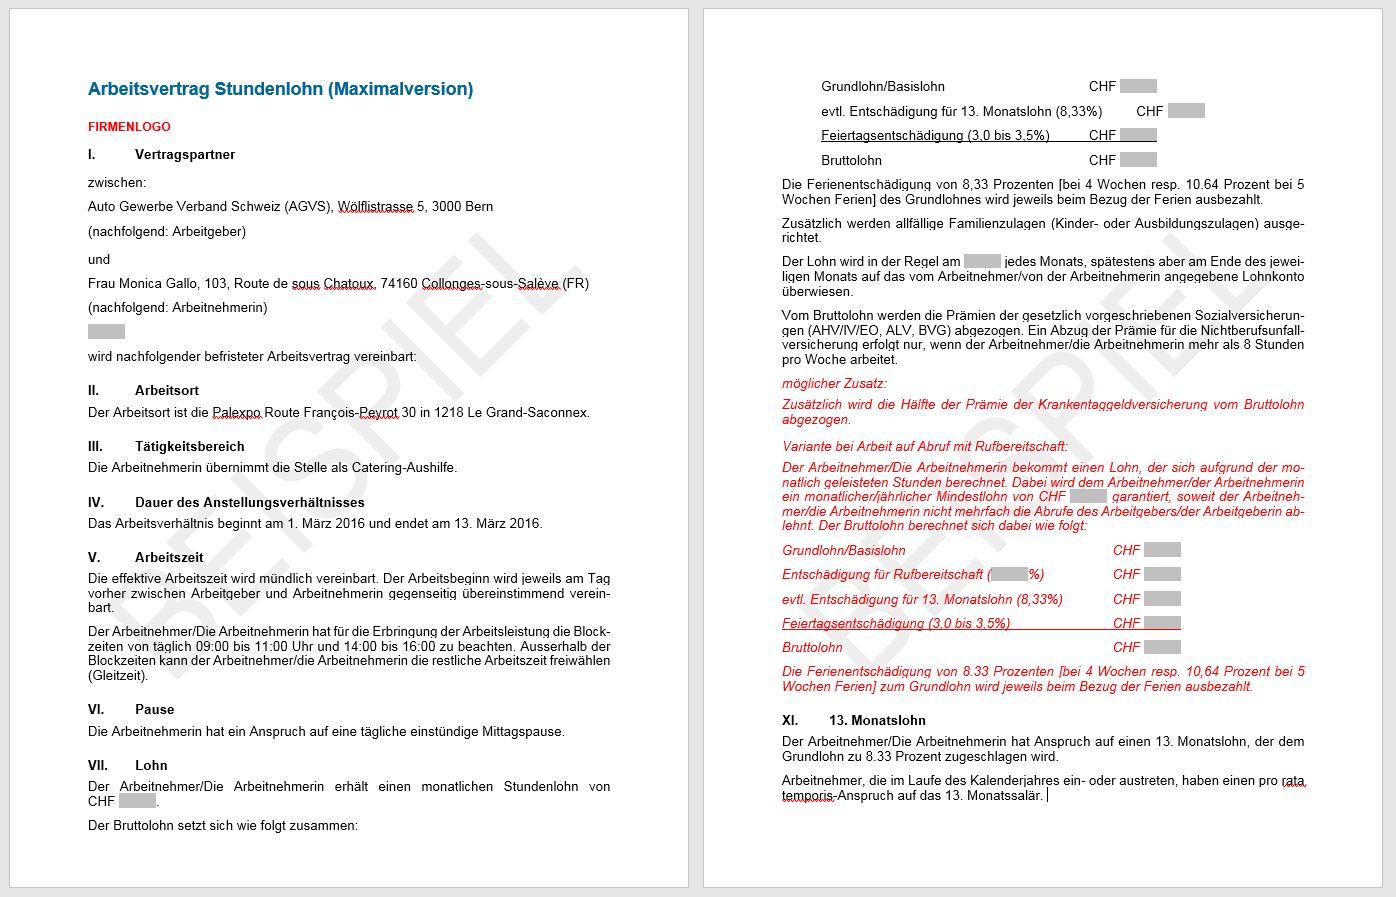 Download arbeitsvertrag stundenlohn agvs upsa for Gesamtarbeitsvertrag innendekorateur